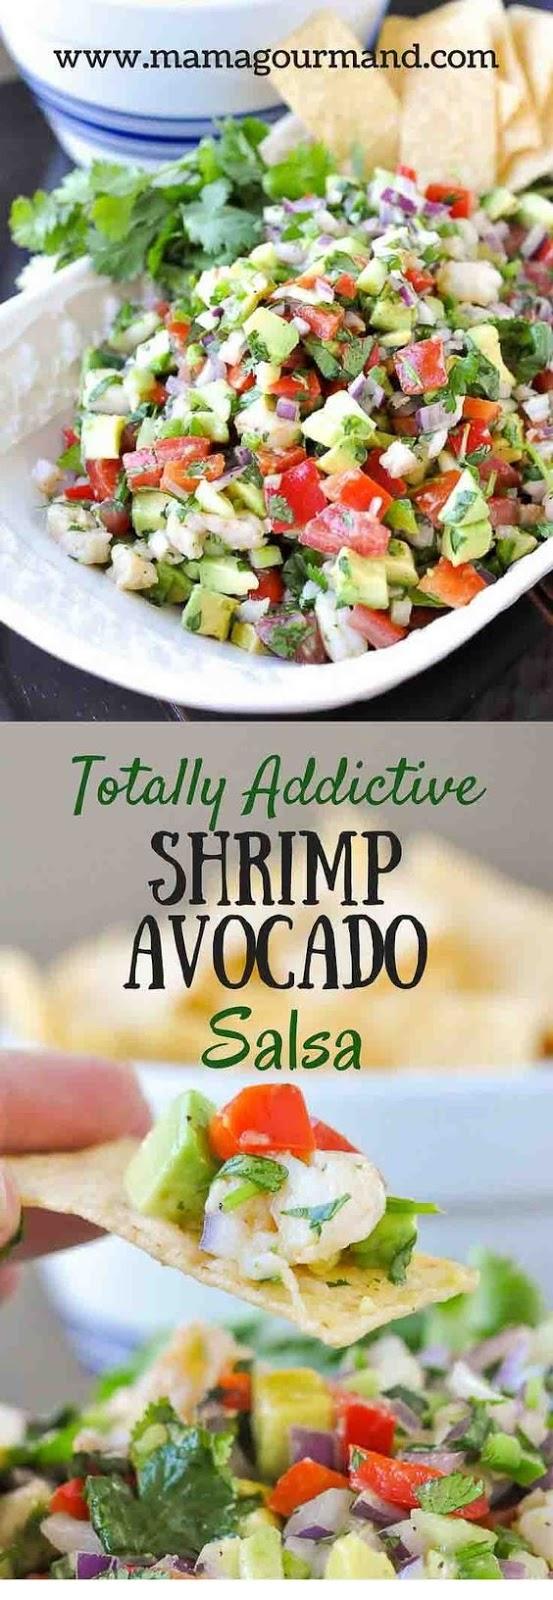 Totally Addictive Shrimp Avocado Salsa